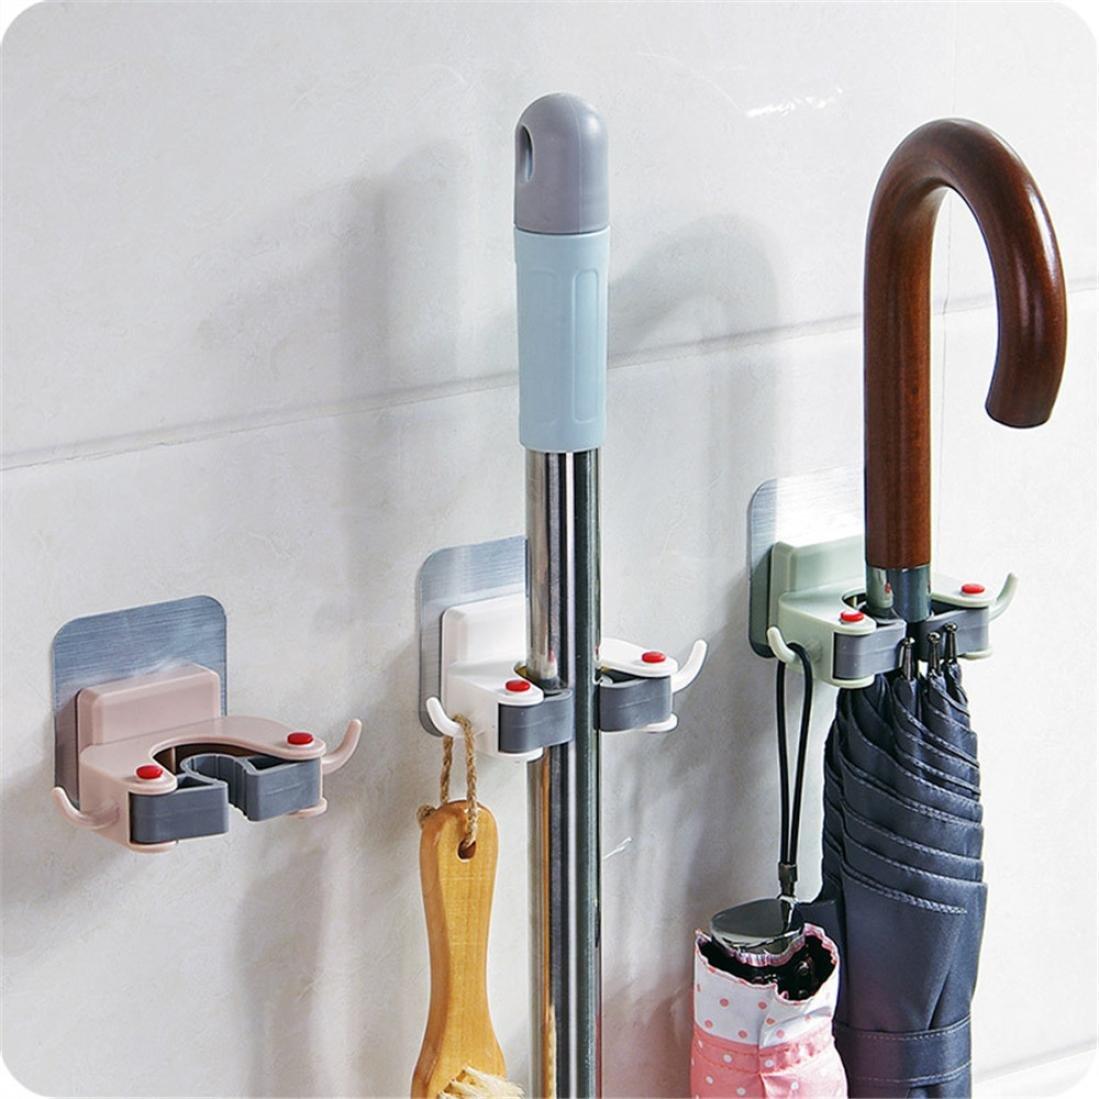 Clearance! Wensltd Mop Broom Holder Wall Mounted Kitchen Garden Tool Rack Garage Storage & Organizer (Blue)